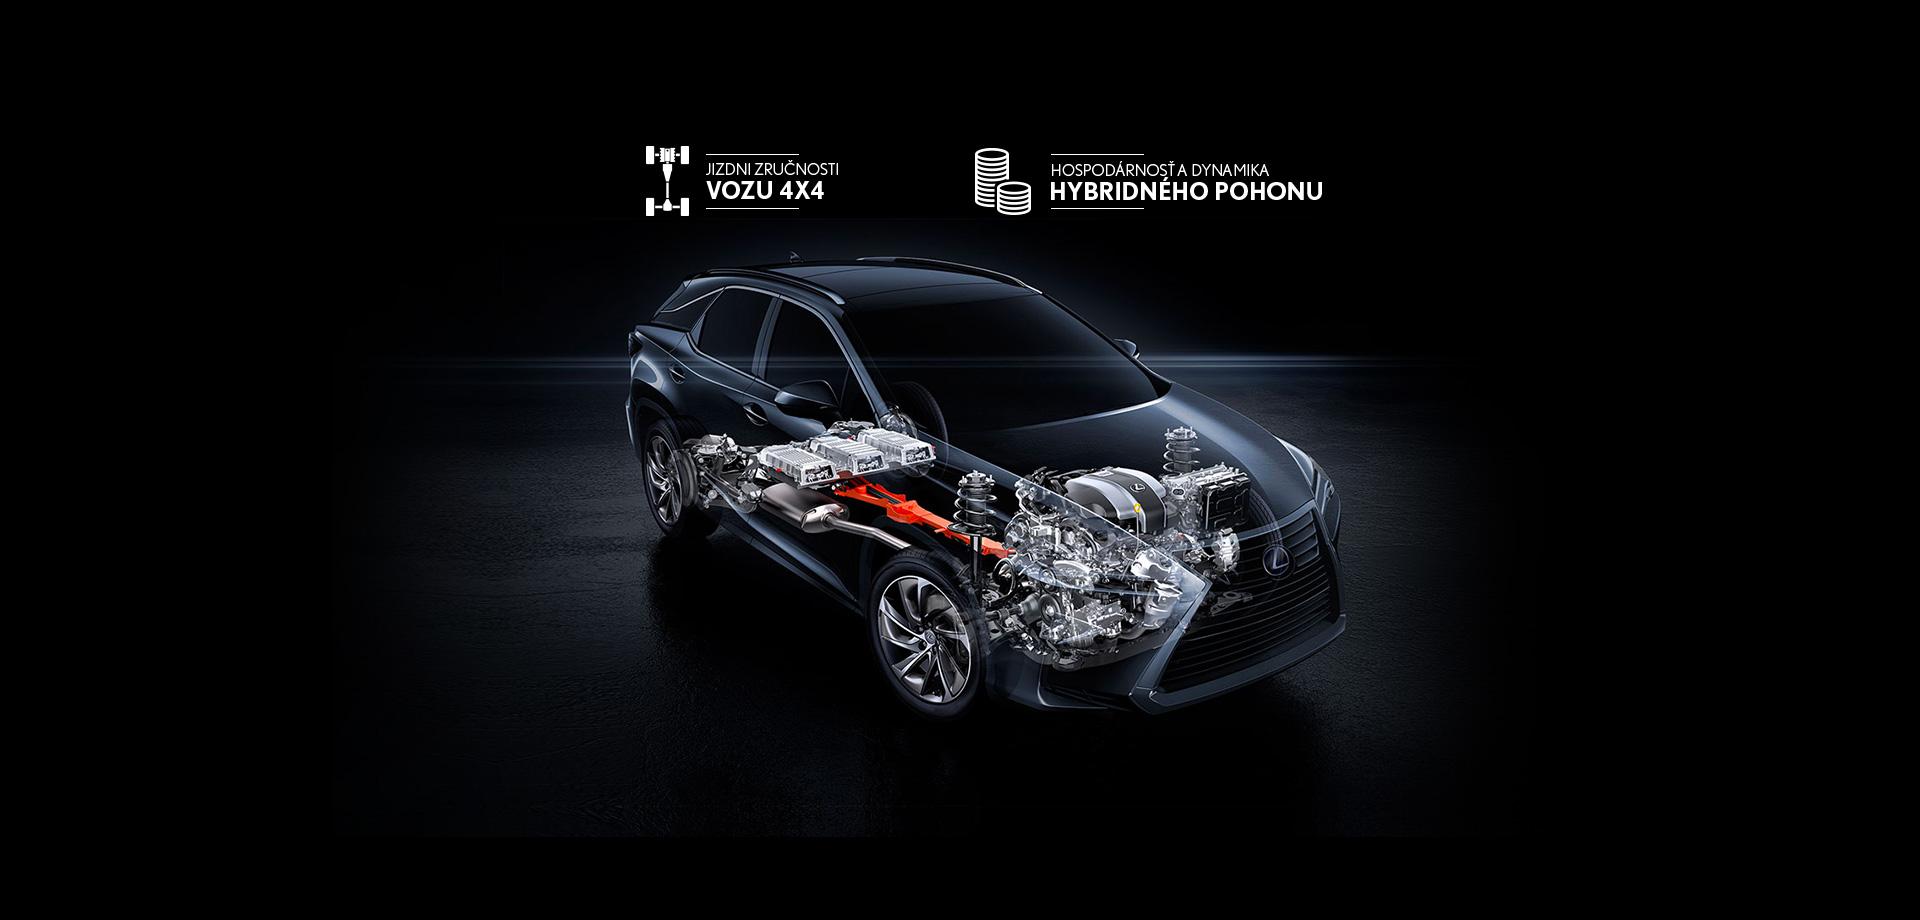 Hybrid 4x4 Image